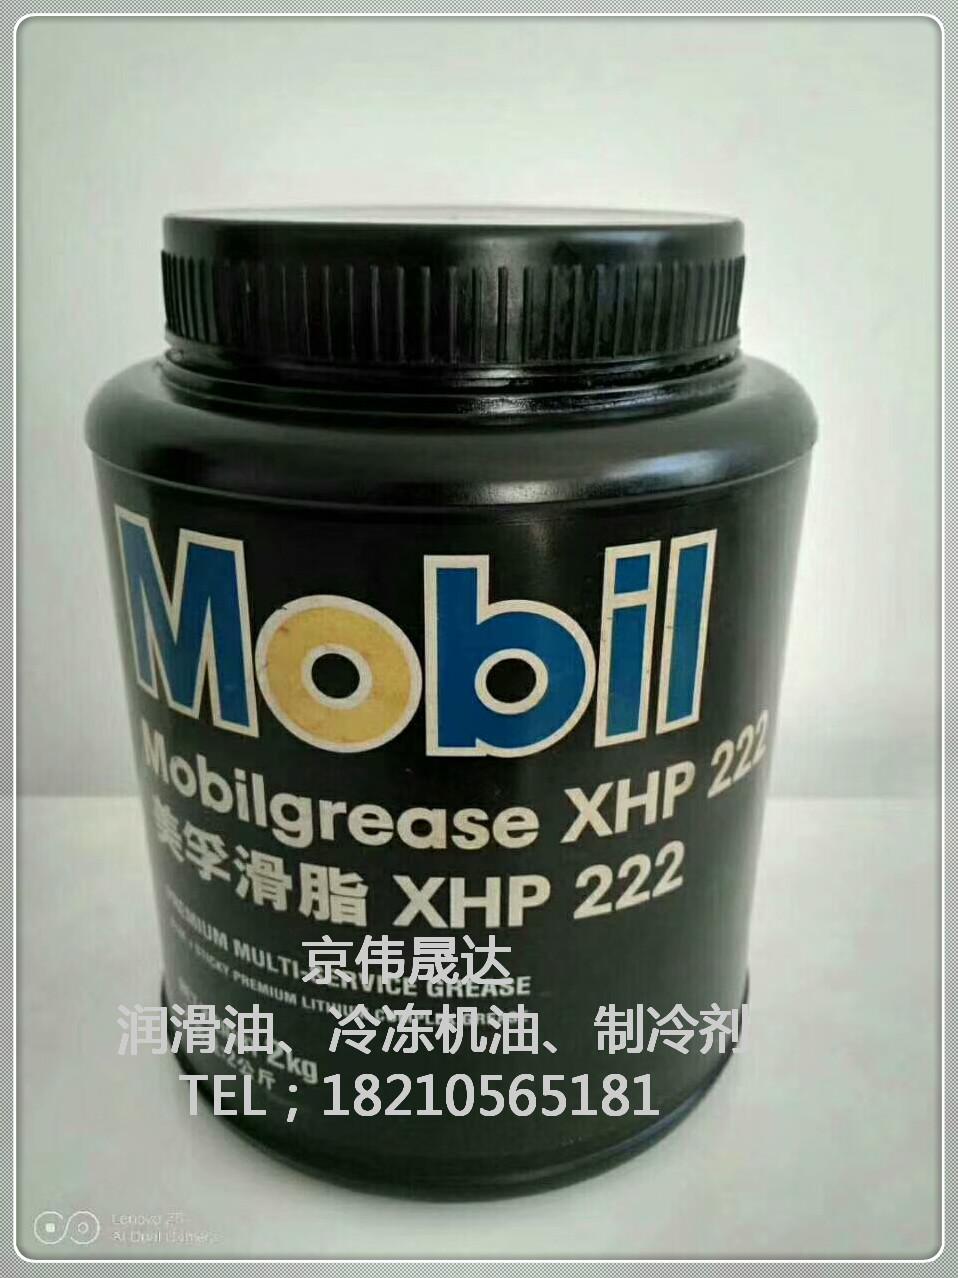 美孚滑脂XHP222高级极压润滑脂价格多少